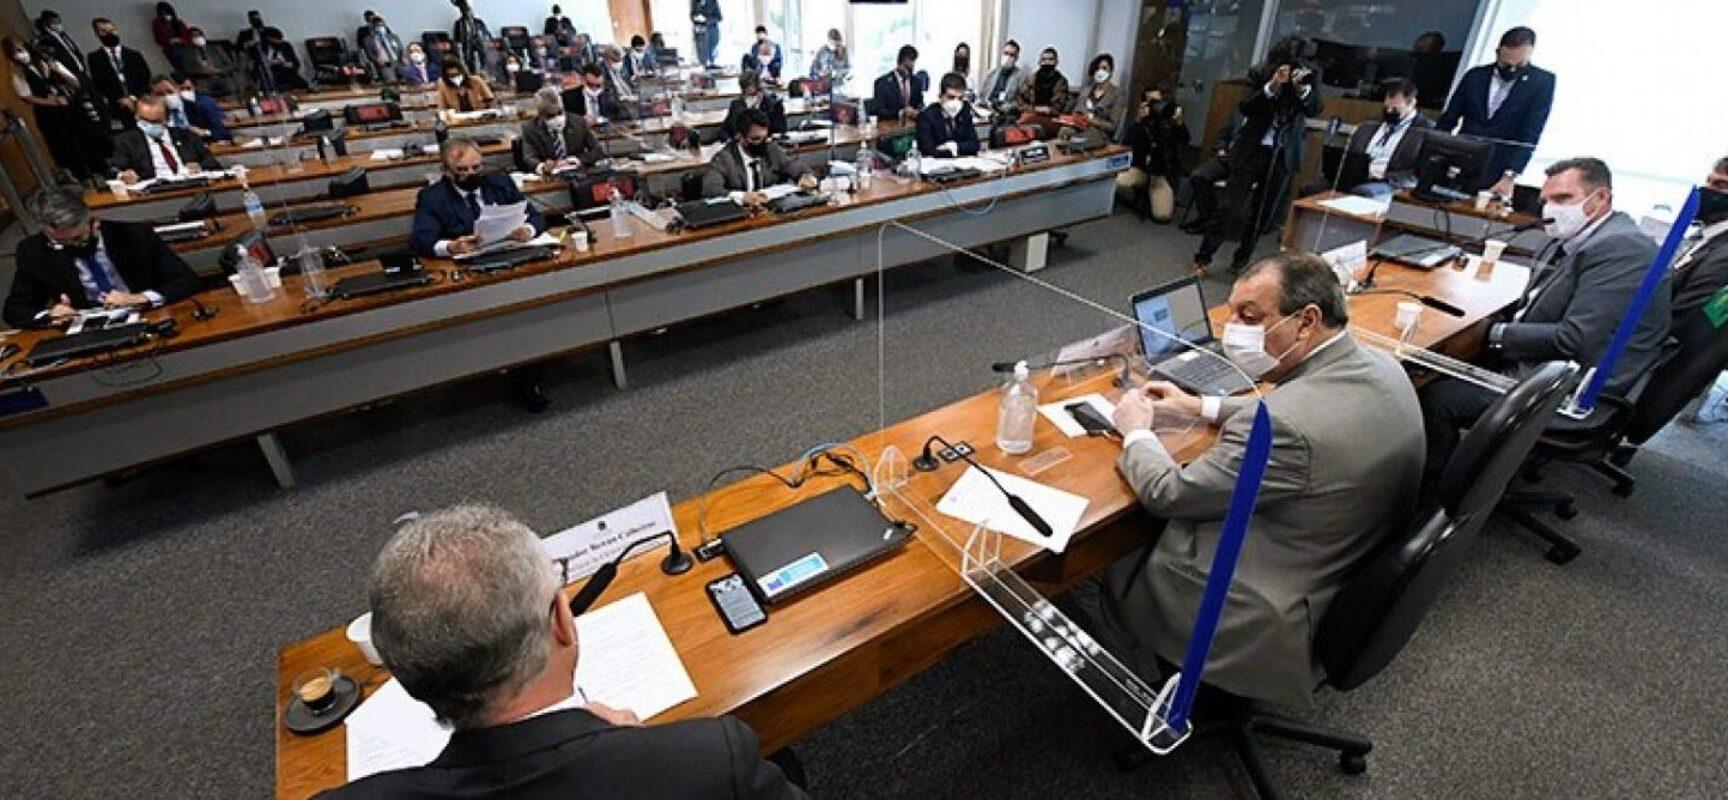 Senadores veem tentativa de blindagem do Executivo em áudio apresentado à CPI